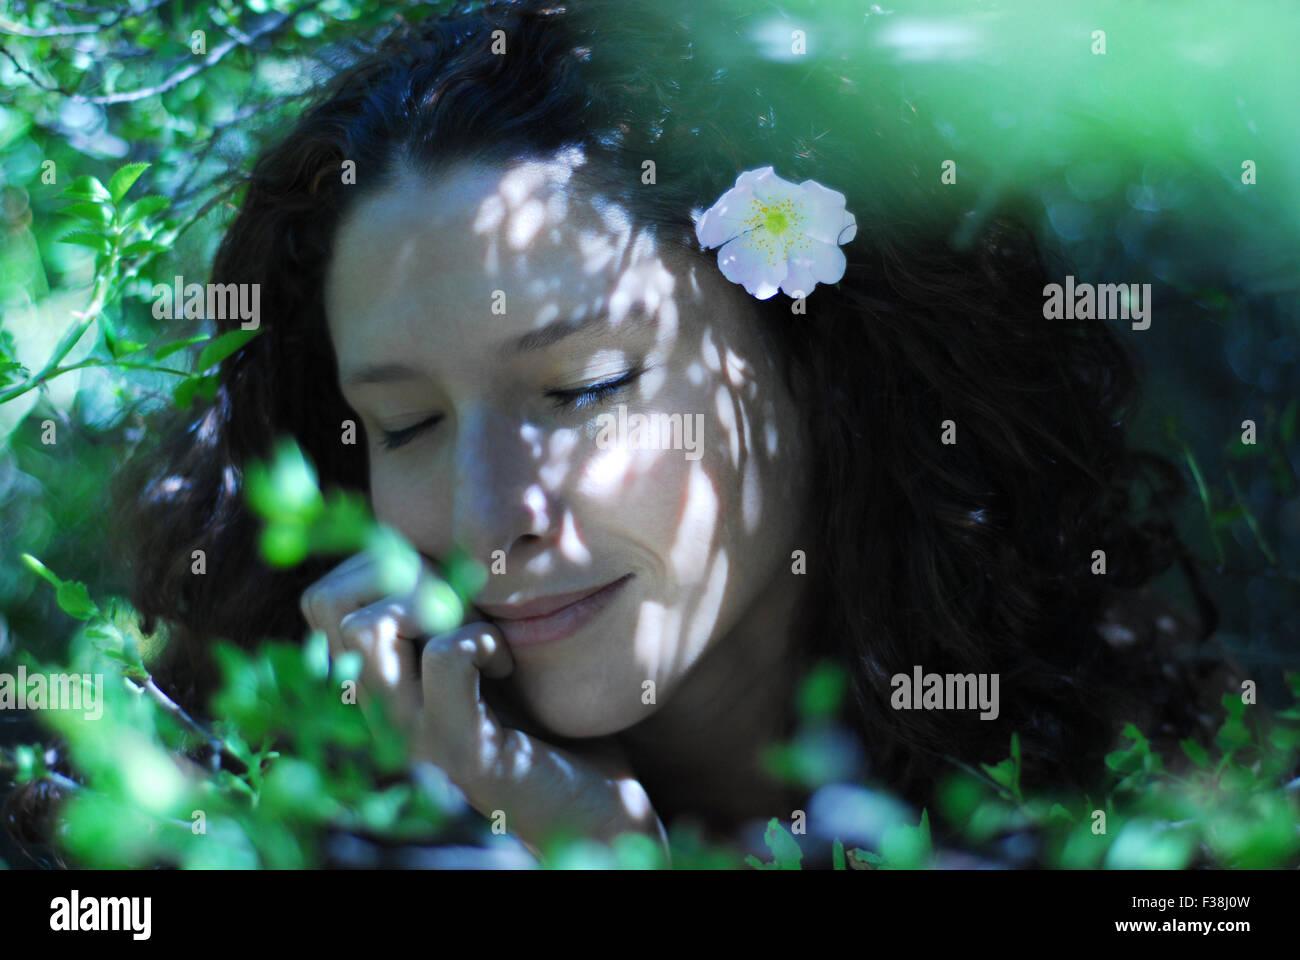 niedliche Mädchen zwischen einer Menge von grünen Blättern mit weichen rosa Blümchen in ihr Stockbild